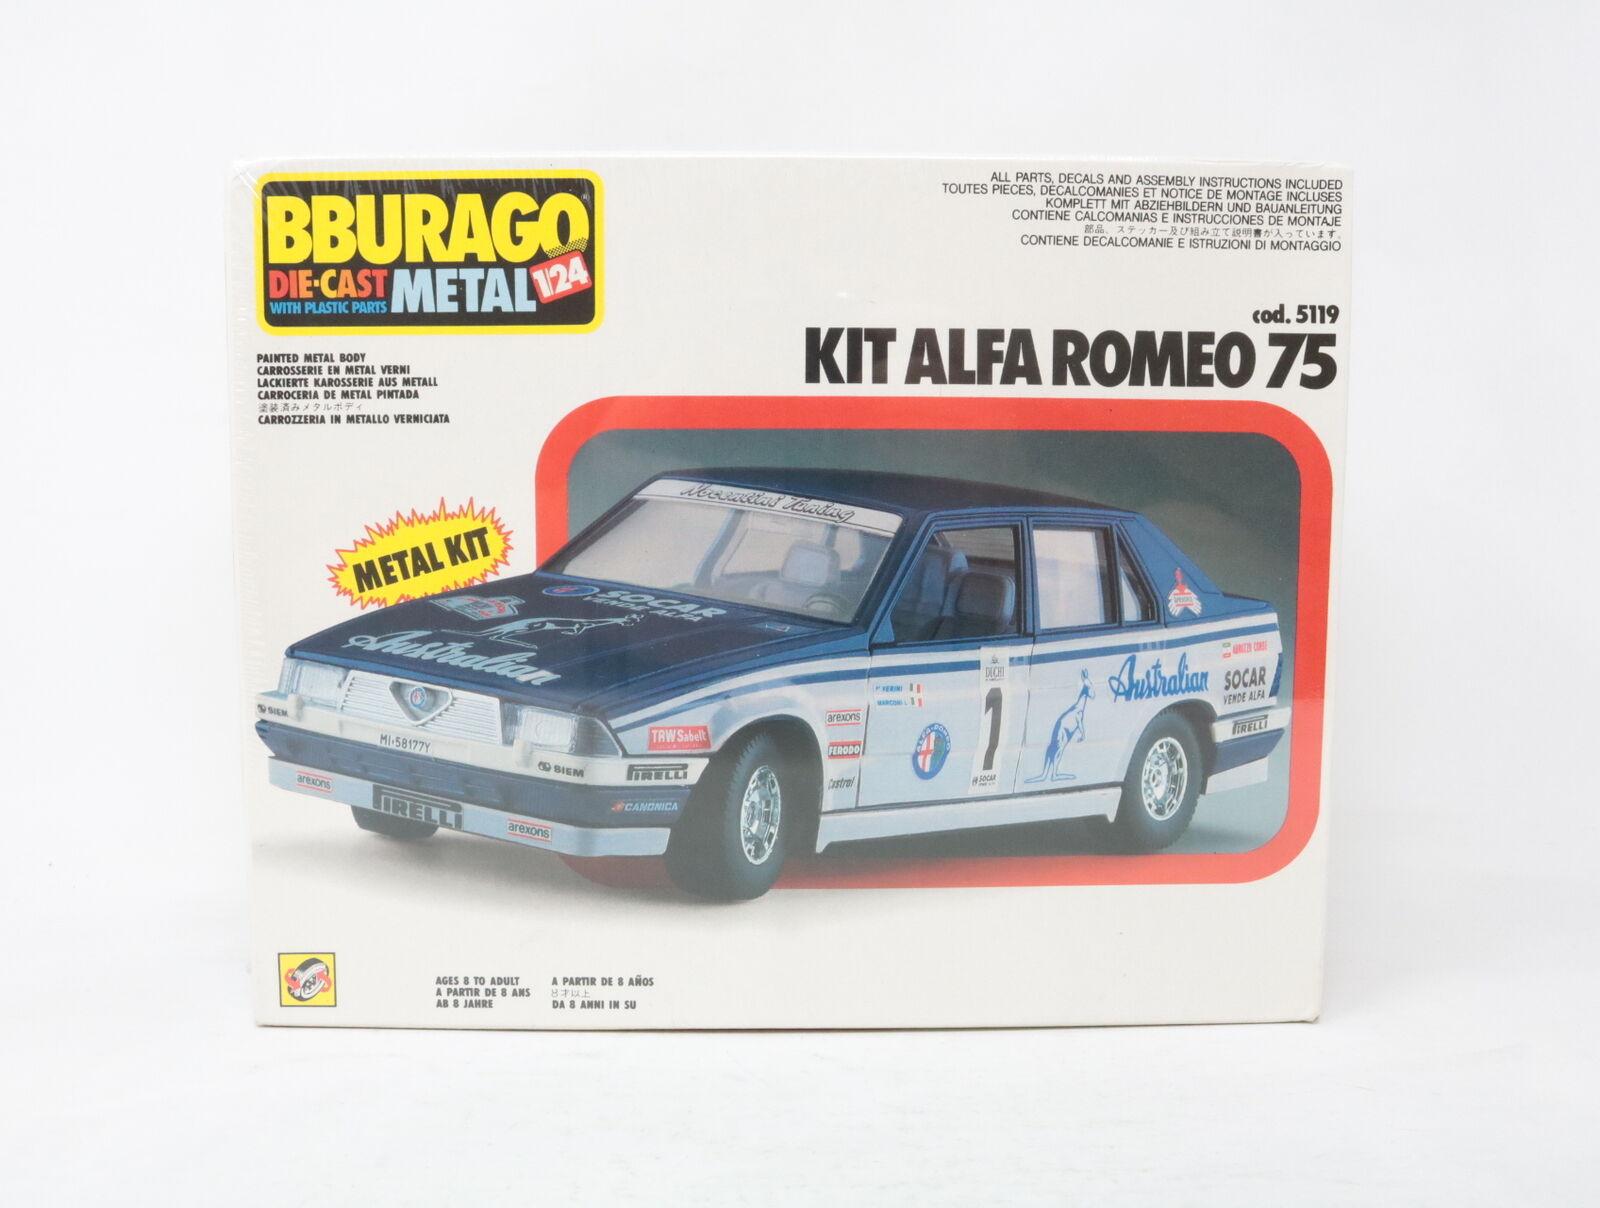 esclusivo 1 24 BBURAGO METAL KIT ALFA ROMEO 75 cod. 5119 5119 5119  [YQ-009]  al prezzo più basso